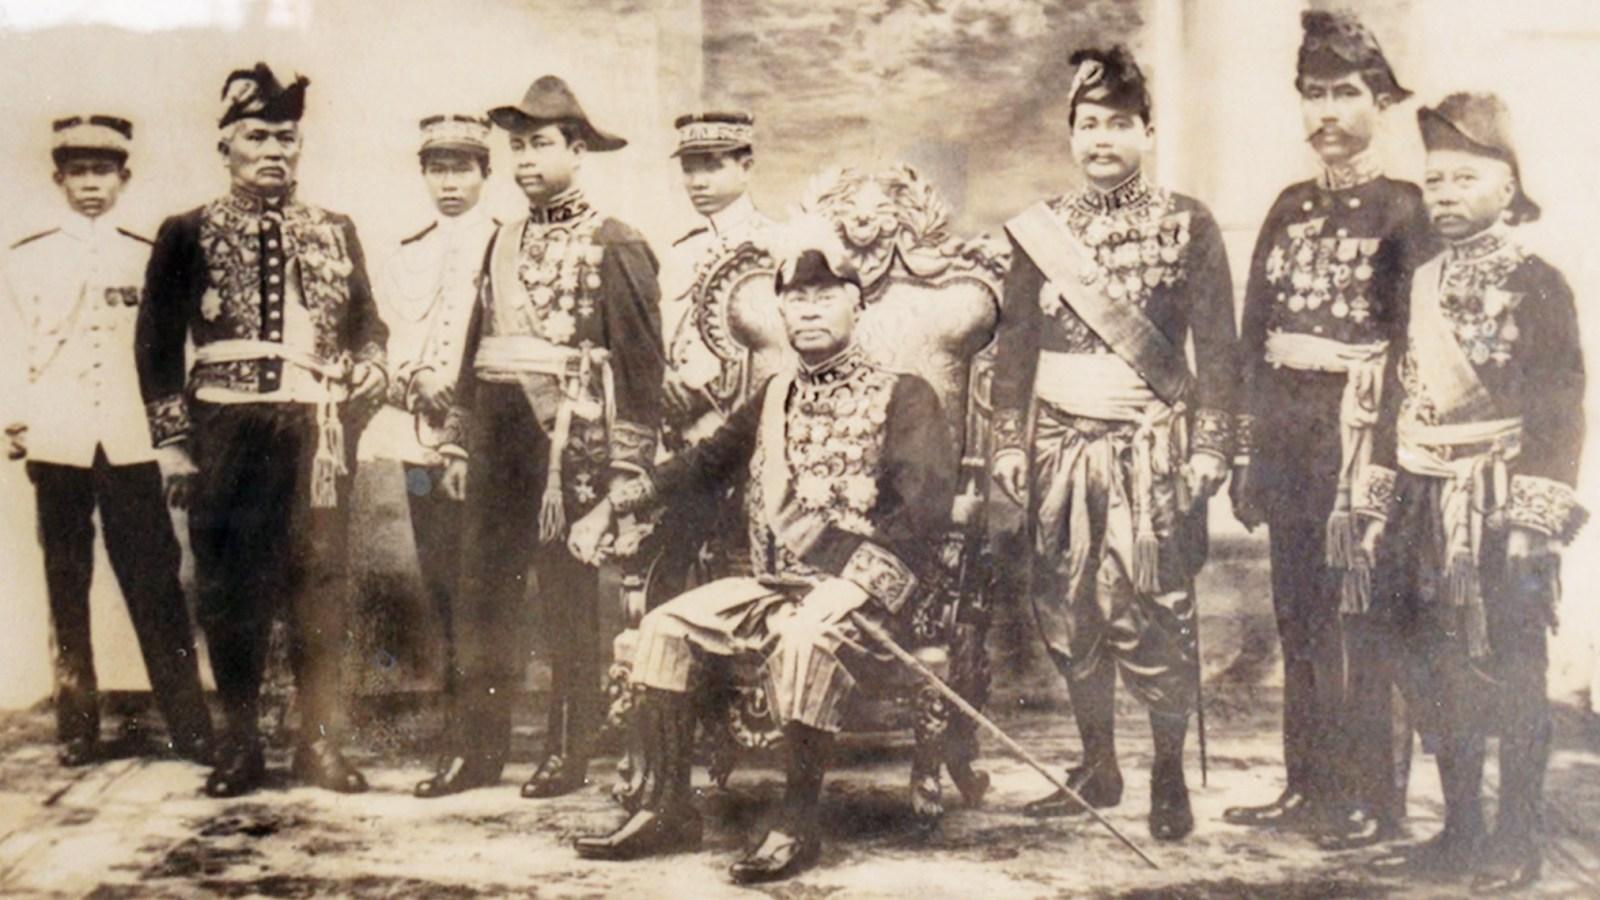 ព្រះបាទ ស៊ីសុវត្ថិ ថតជាមួយនឹងមន្ត្រីចតុស្ដម្ភរបស់ទ្រង់ នៅ ឆ្នាំ ១៩២១ ។ ពីឆ្វេងទៅស្ដាំ ជួរមុខ ៖ Son Diep, Monivong, ស្ដេច Sisowath, Thiounn, Ponn, Chhum ។